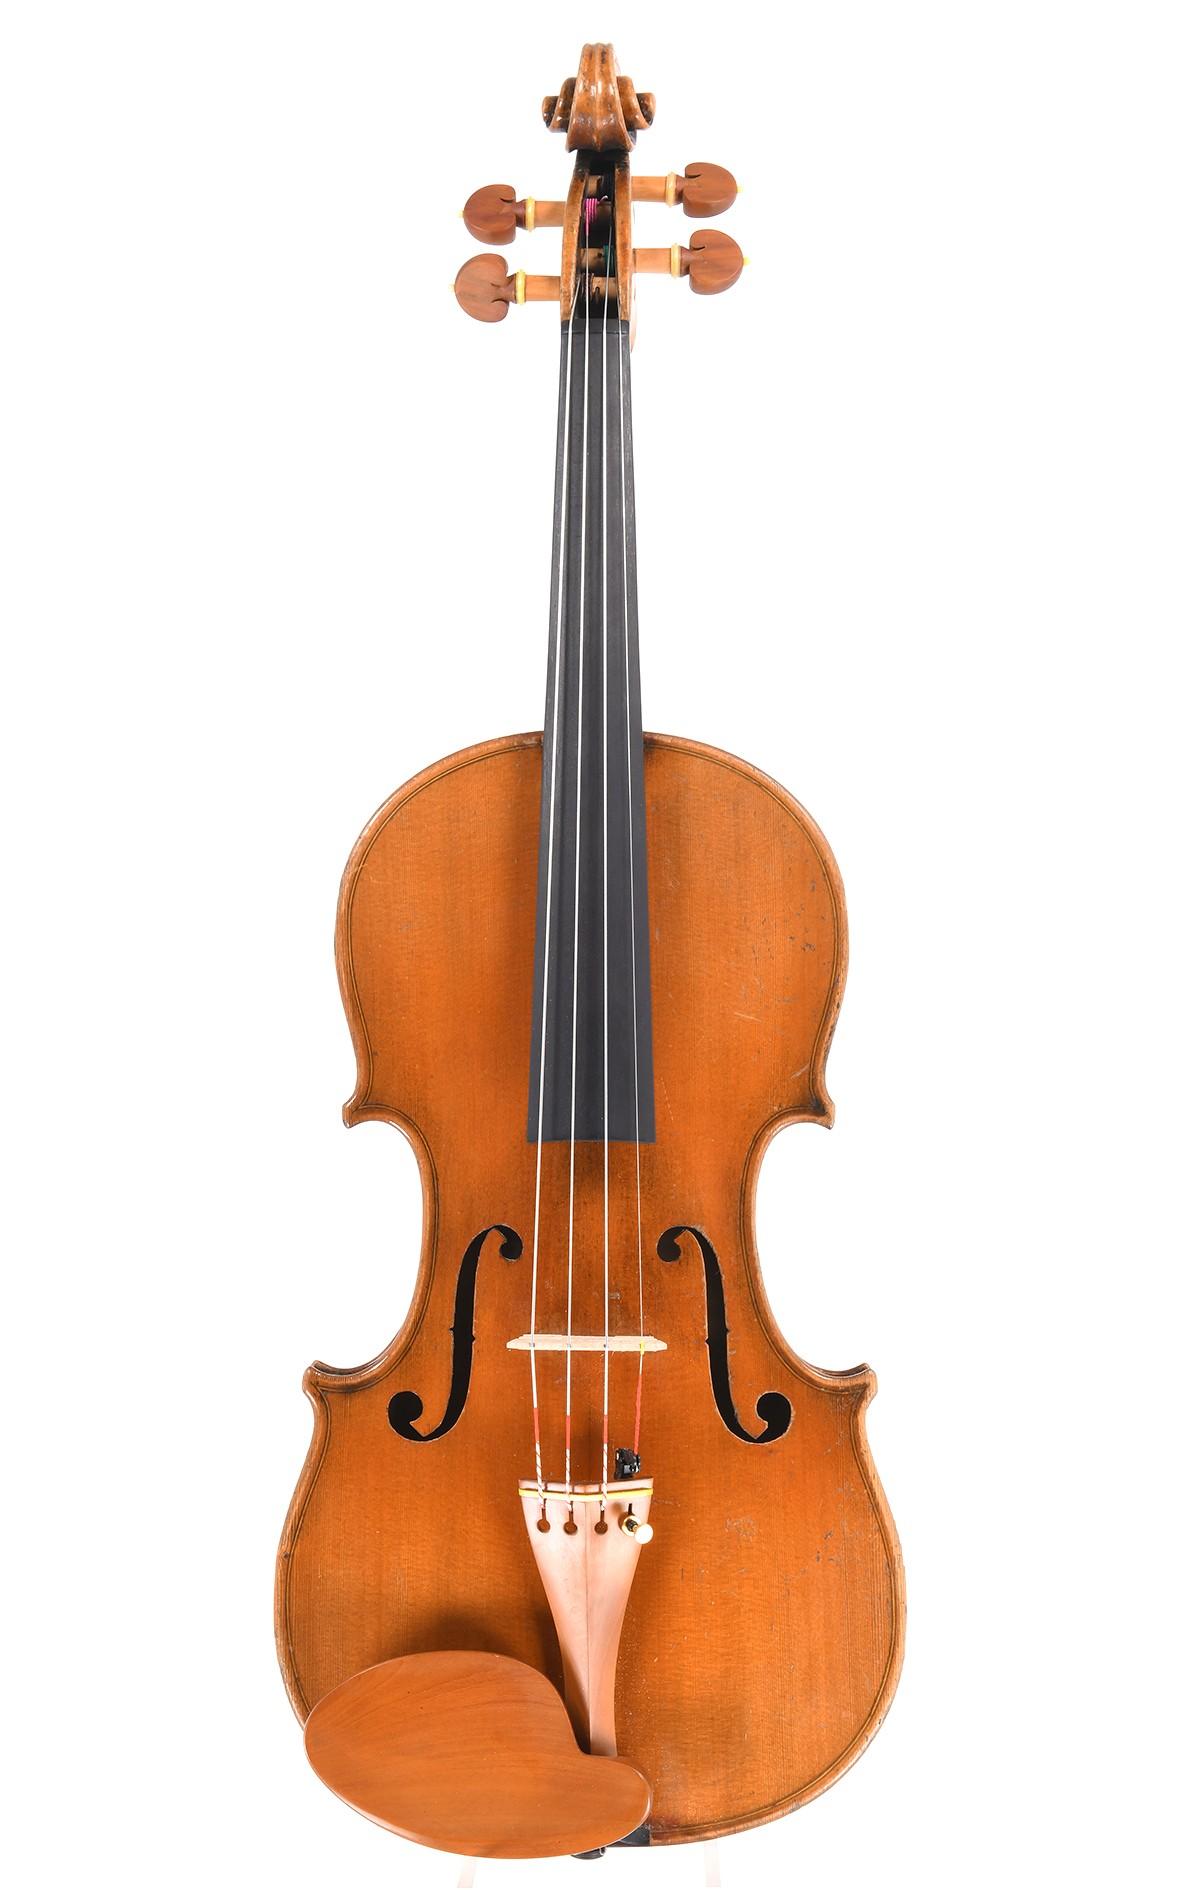 Antike Violine von Schuster & Co., Markneukirchen - Decke